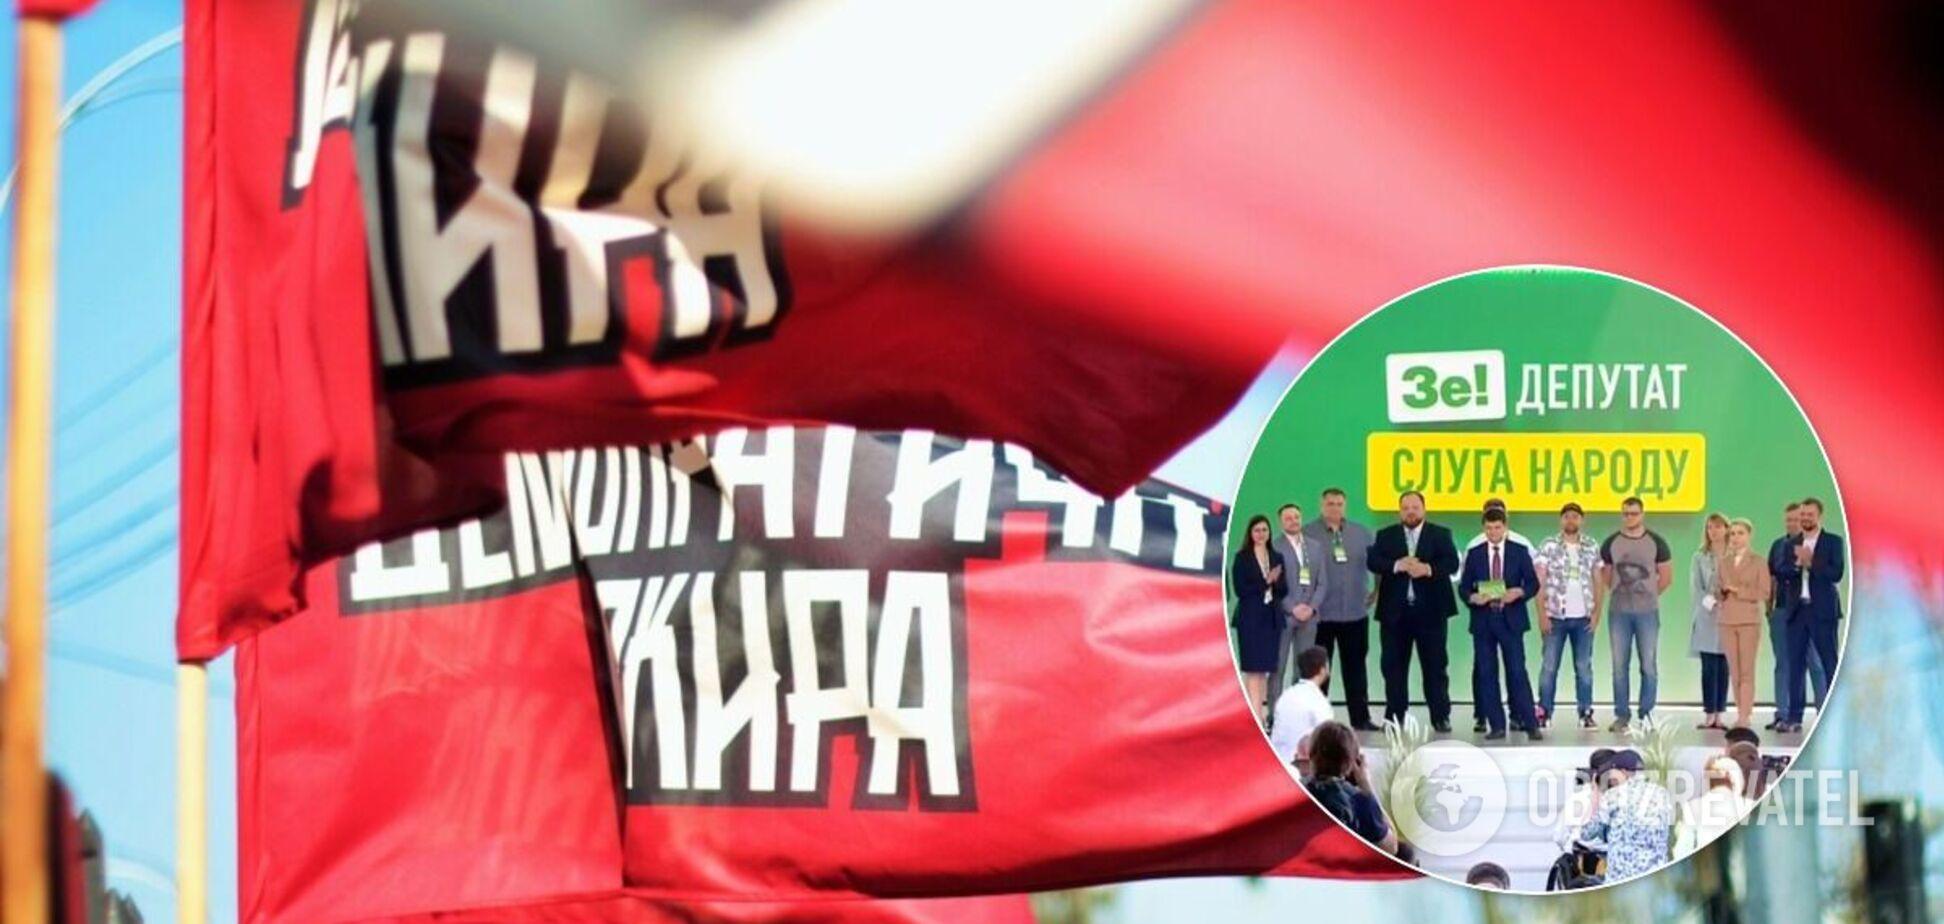 Власник 'Зе медіа' йшов на вибори від партії, яка критикує 'Слугу народу'. Фотофакт